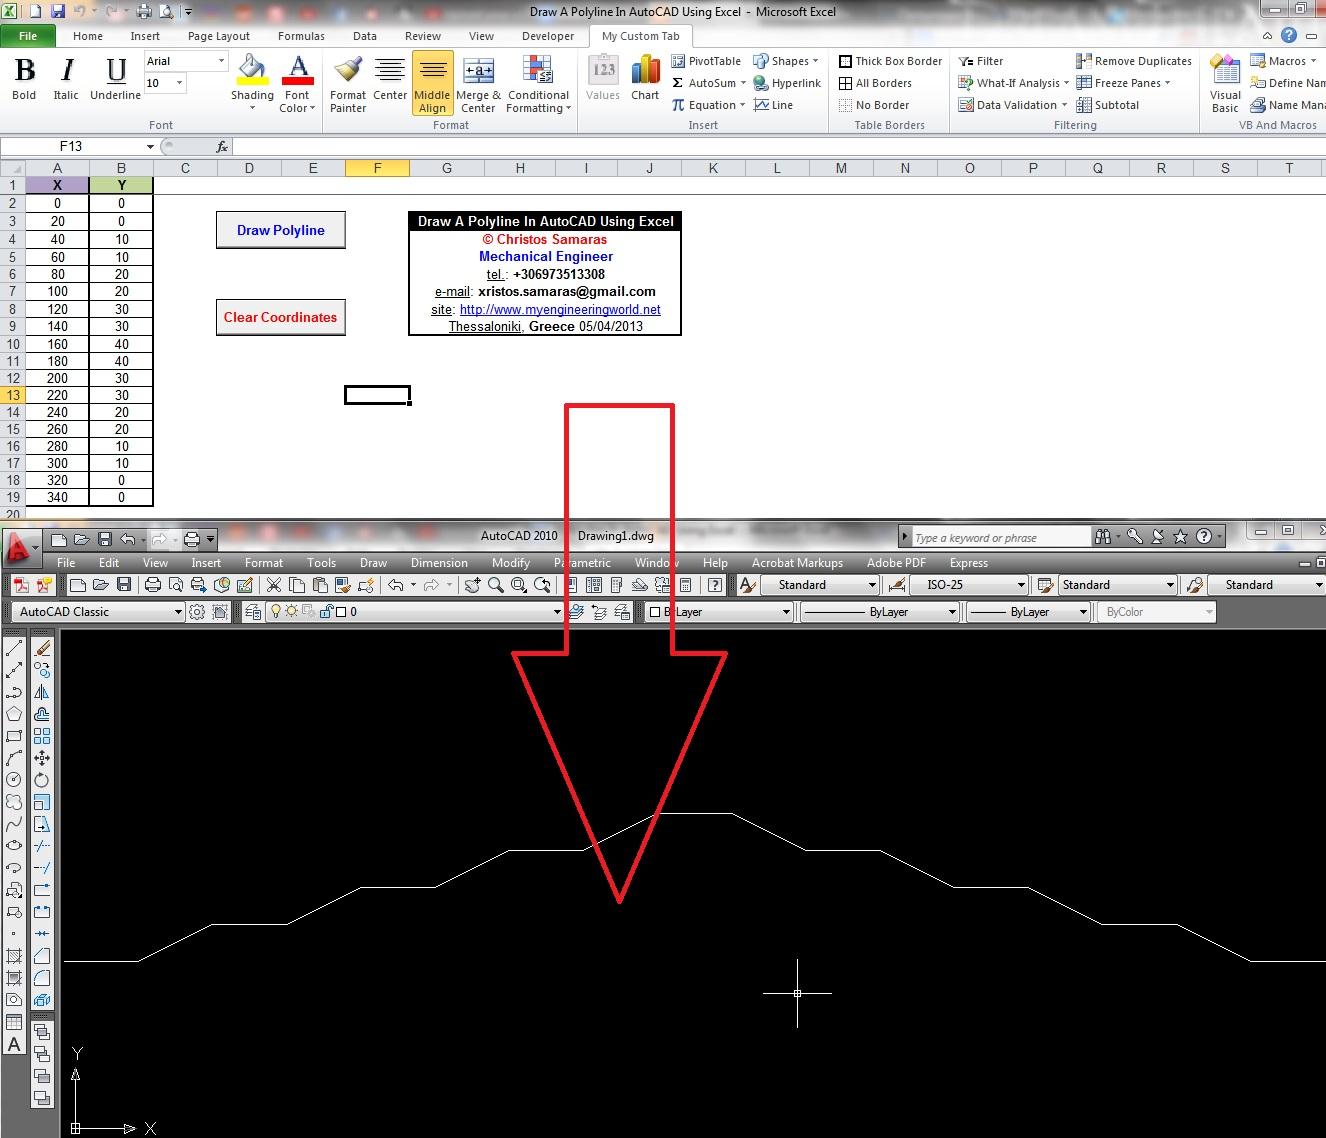 Excel Vba Get Cell X Y Coordinates